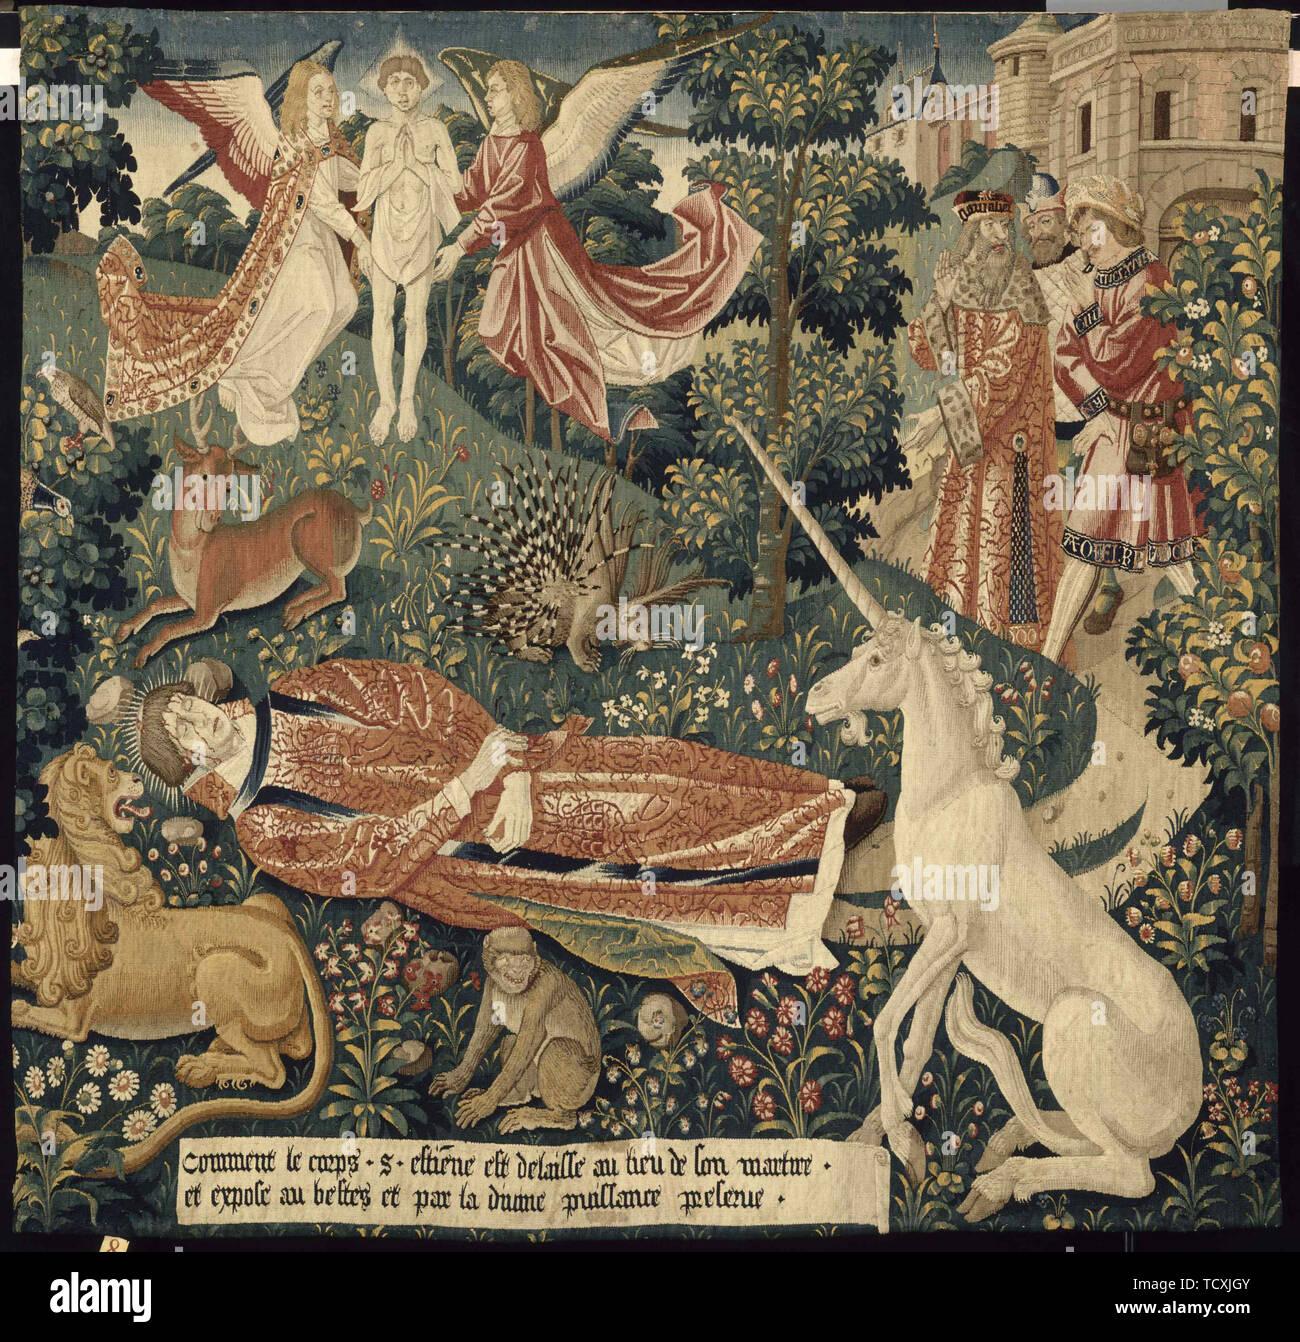 Unicorn. From: La Tenture de saint Étienne. Scène 8: Le corps du martyr exposé aux bêtes, c. 1500. Found in the Collection of Musée national du Moyen Âge (Musée de Cluny). - Stock Image